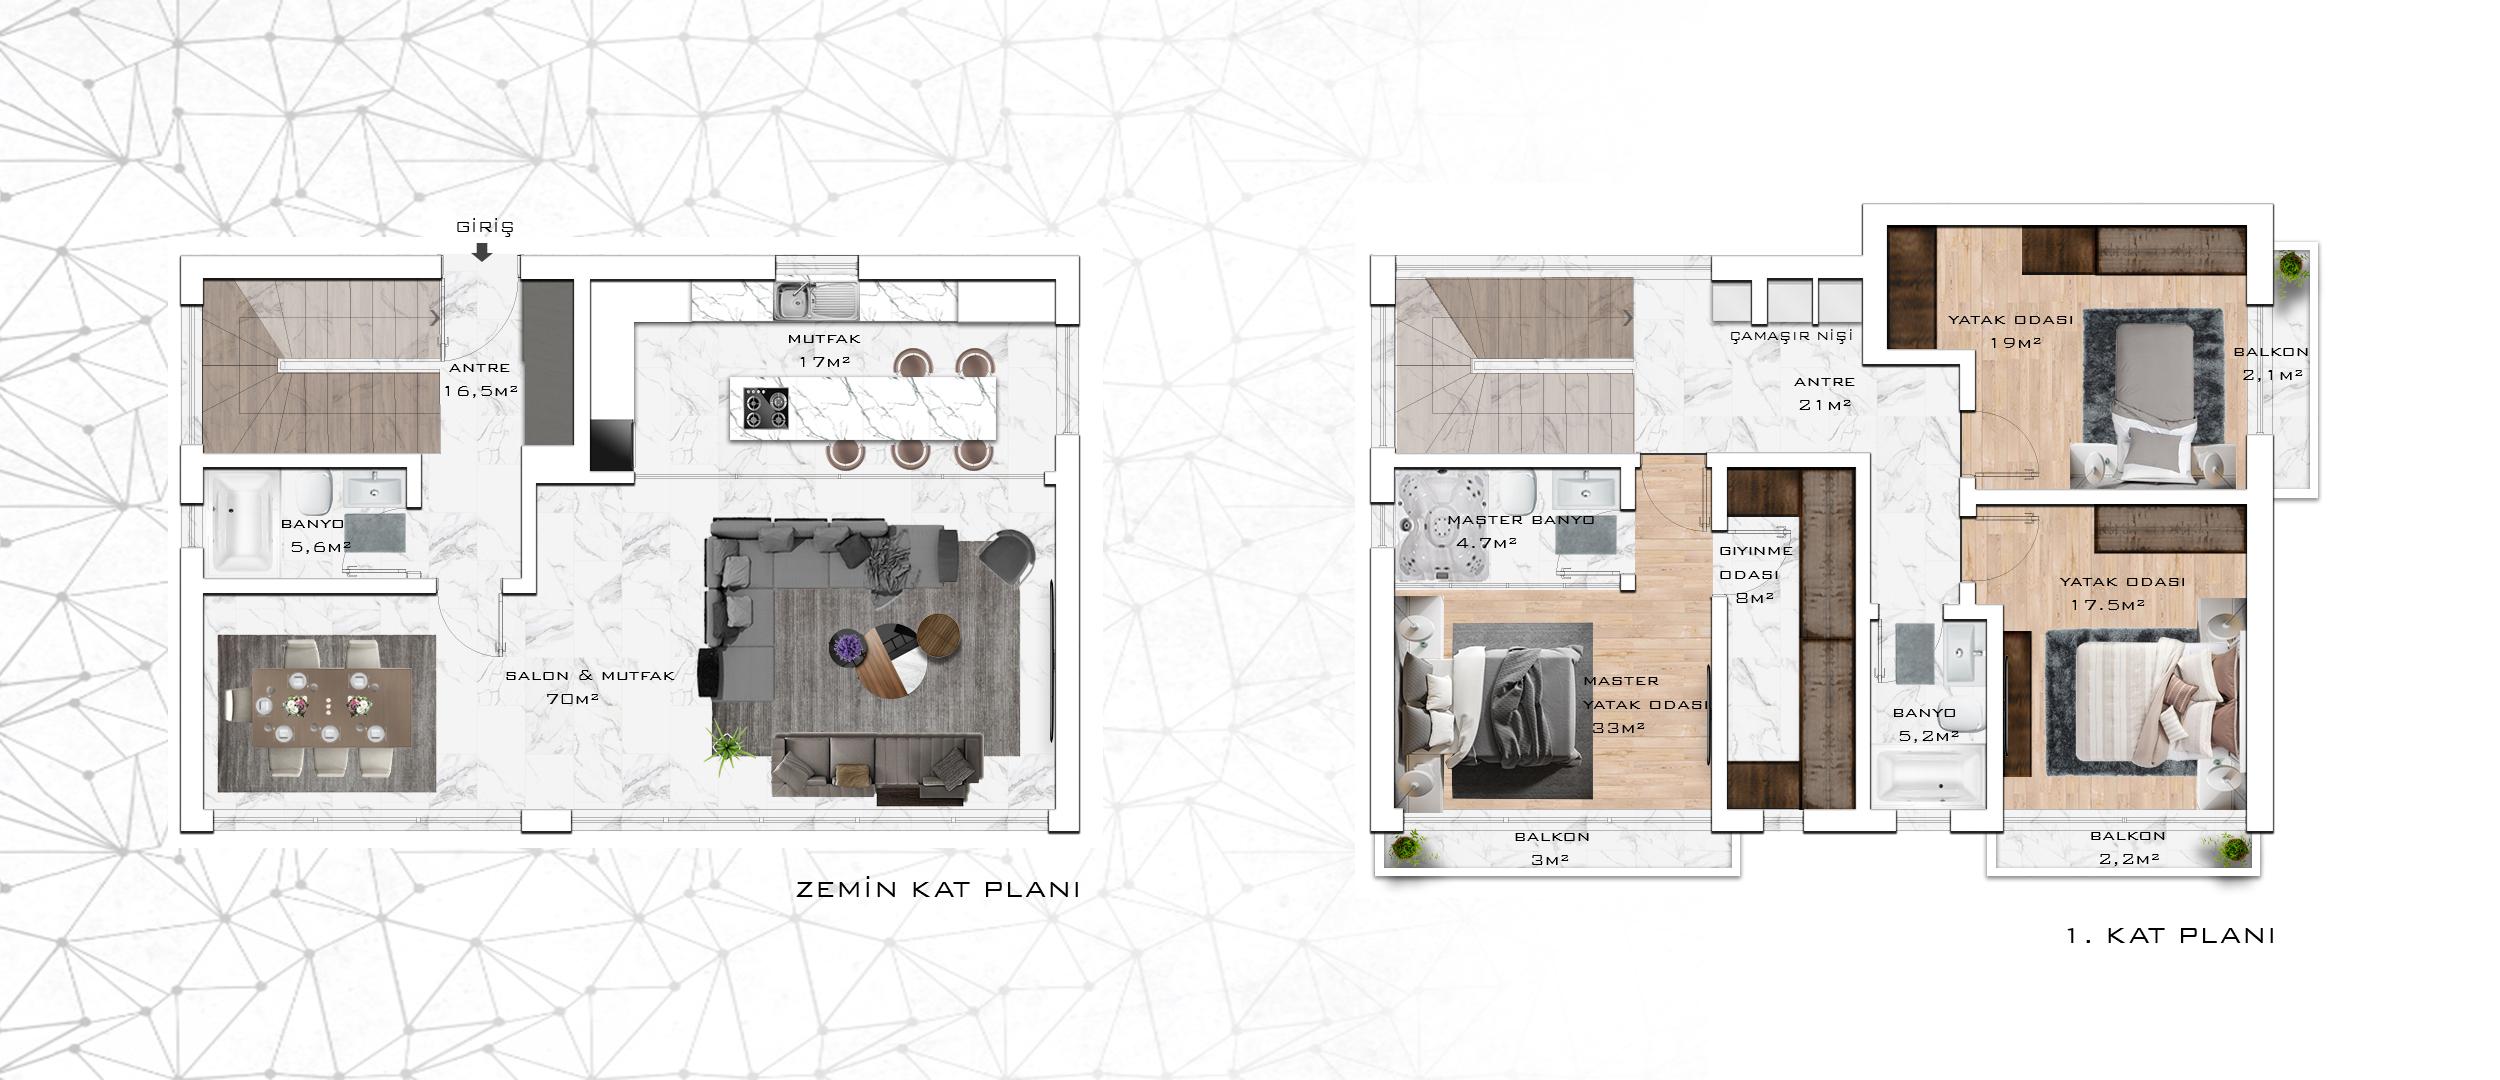 Инвестиционный проект жилого комплекса частных вилл в посёлке Авсаллар - Фото 25